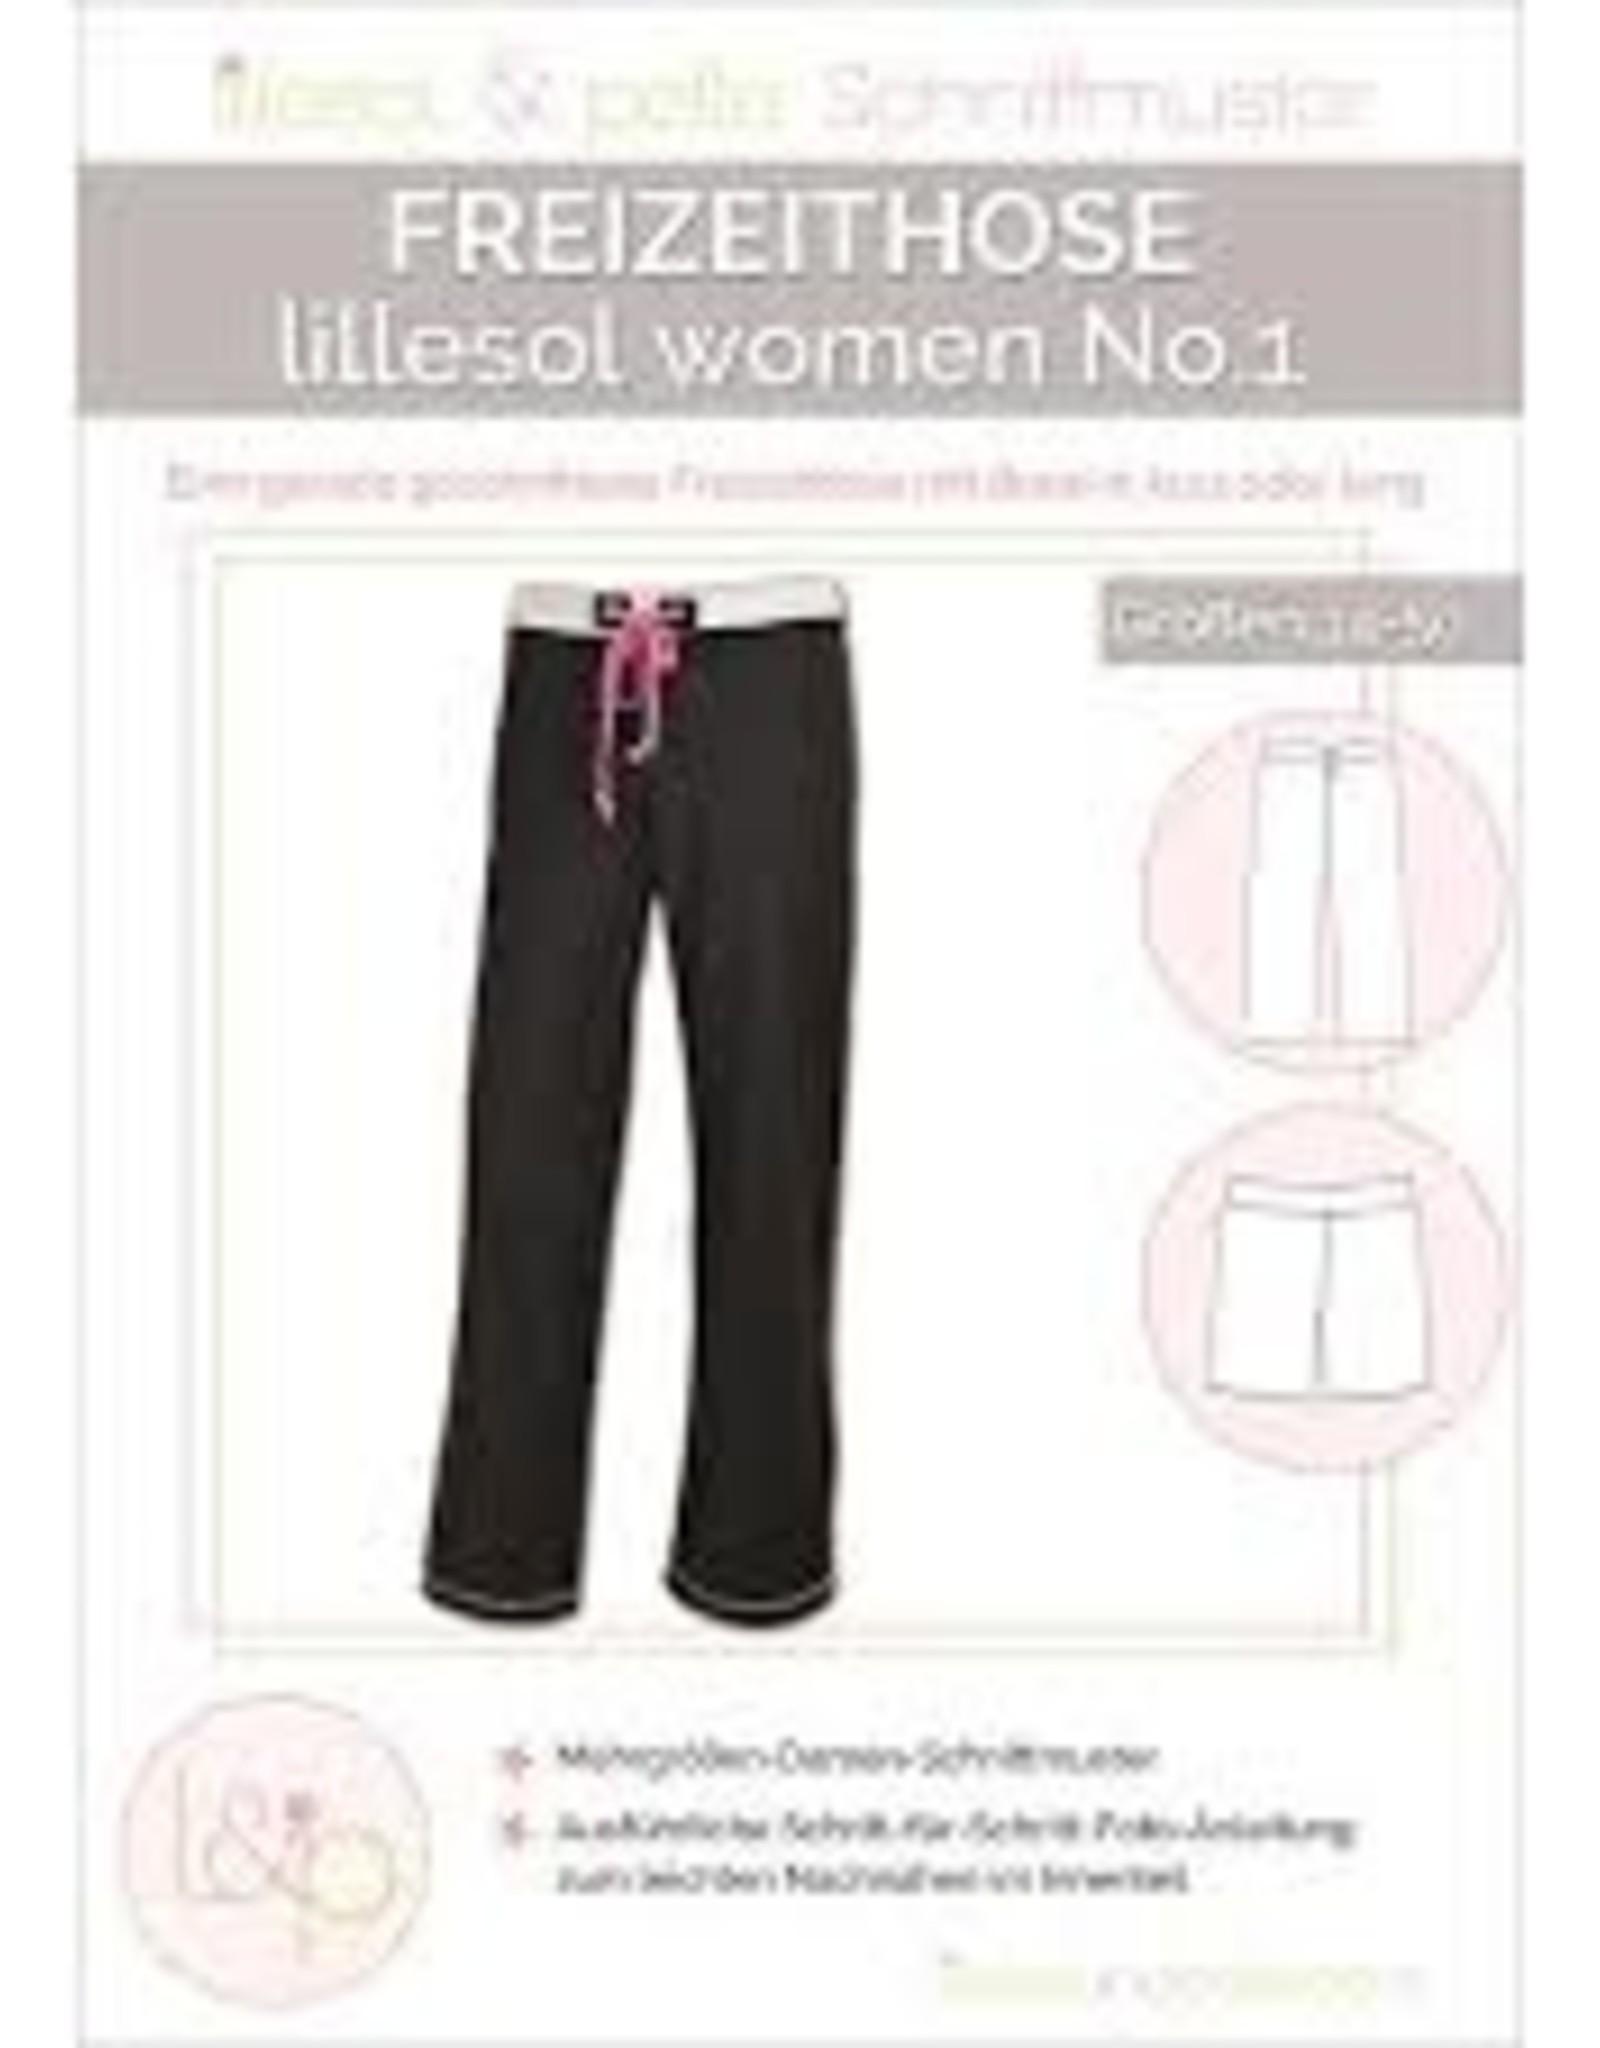 Lillesol & Pelle Vrijetijdsbroek vrouwen No 1